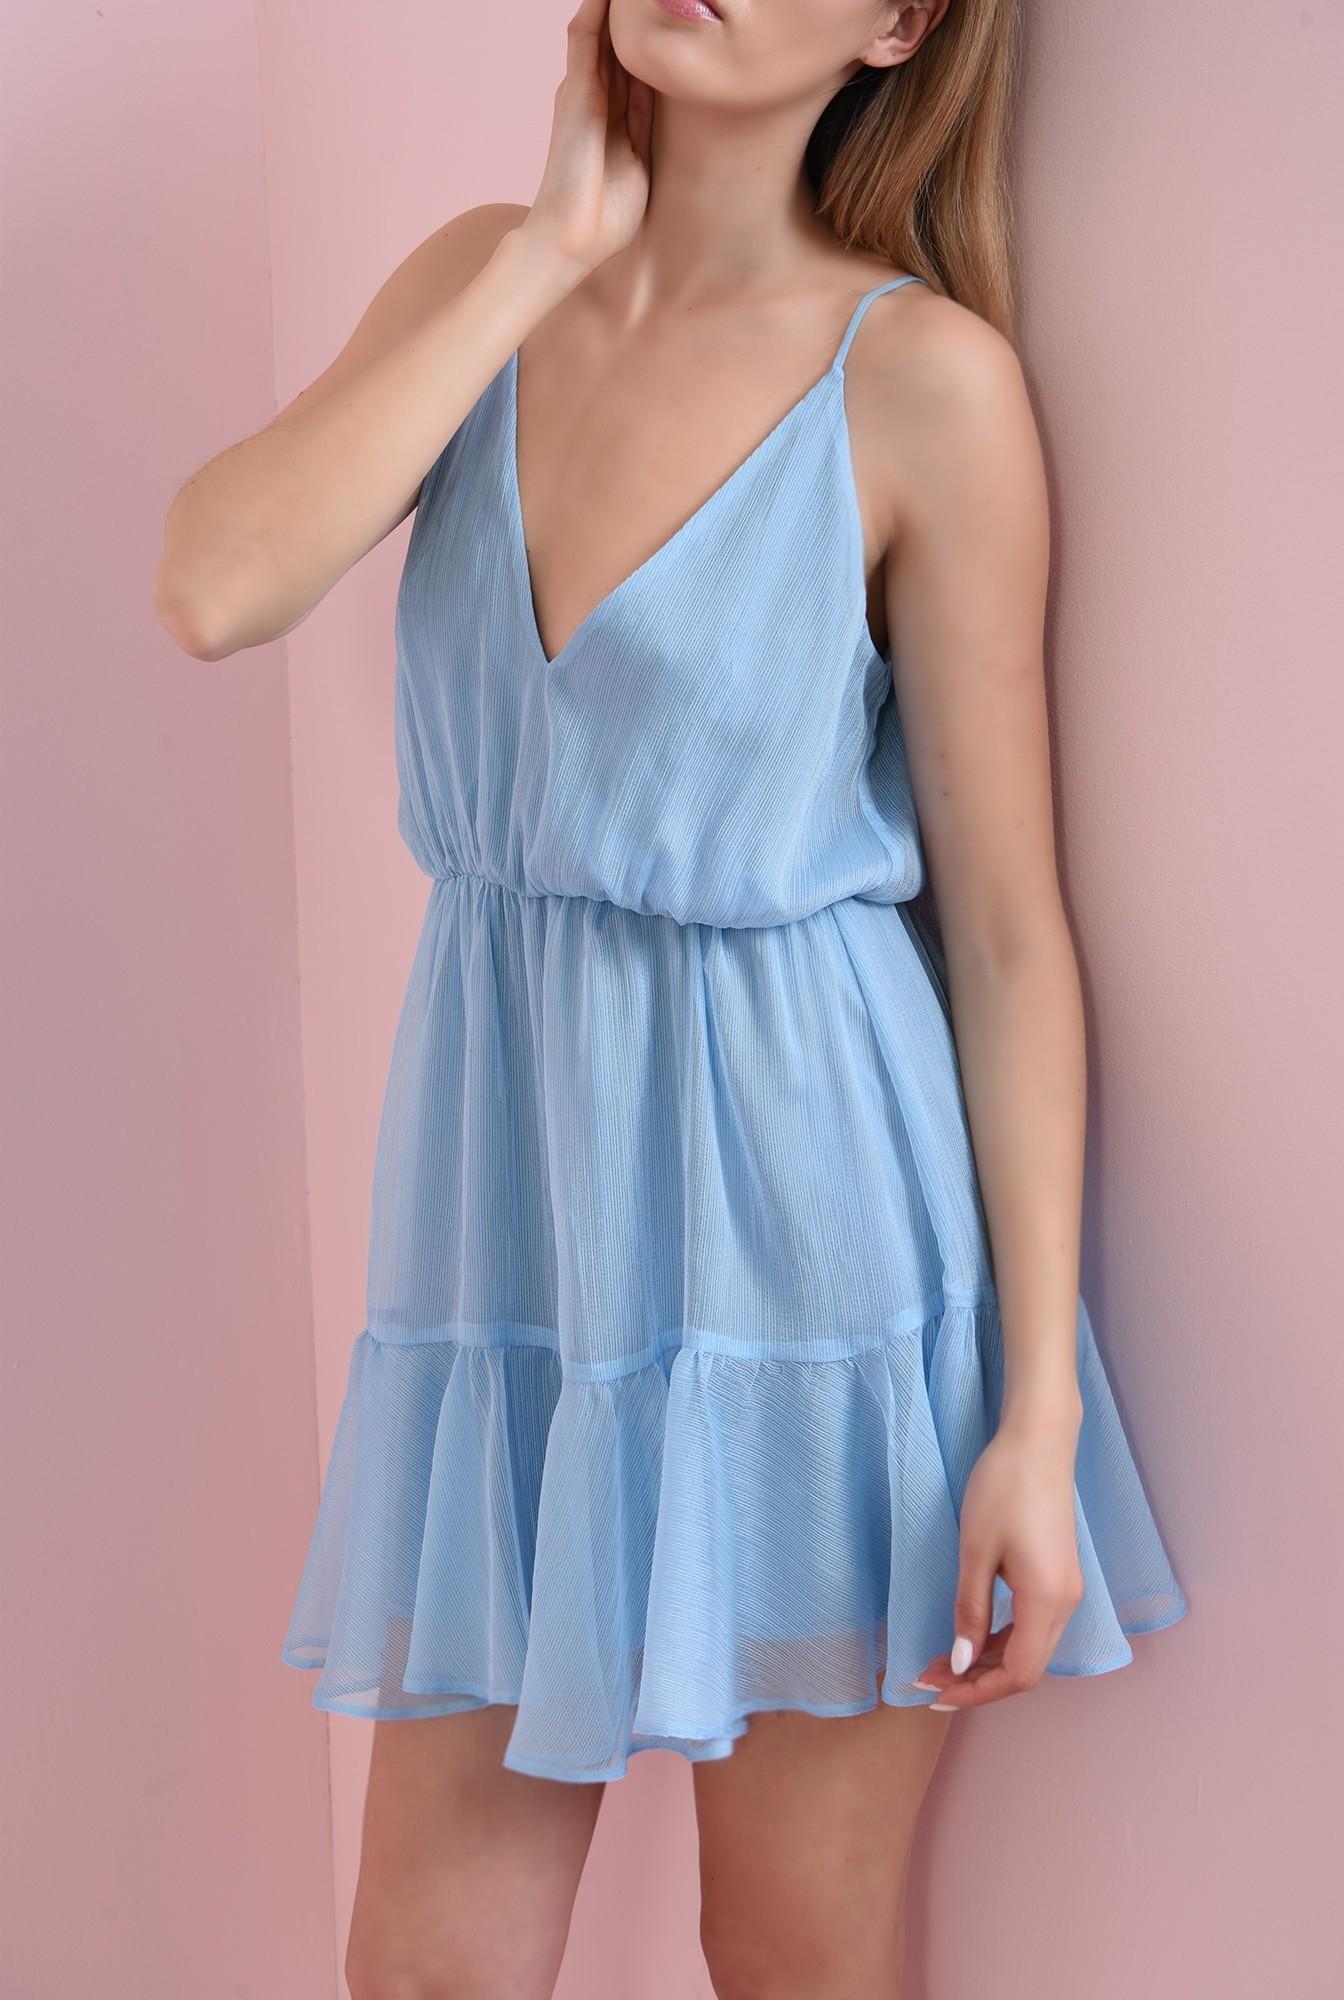 360 - rochie bleu, cu bretele, stransa la talie